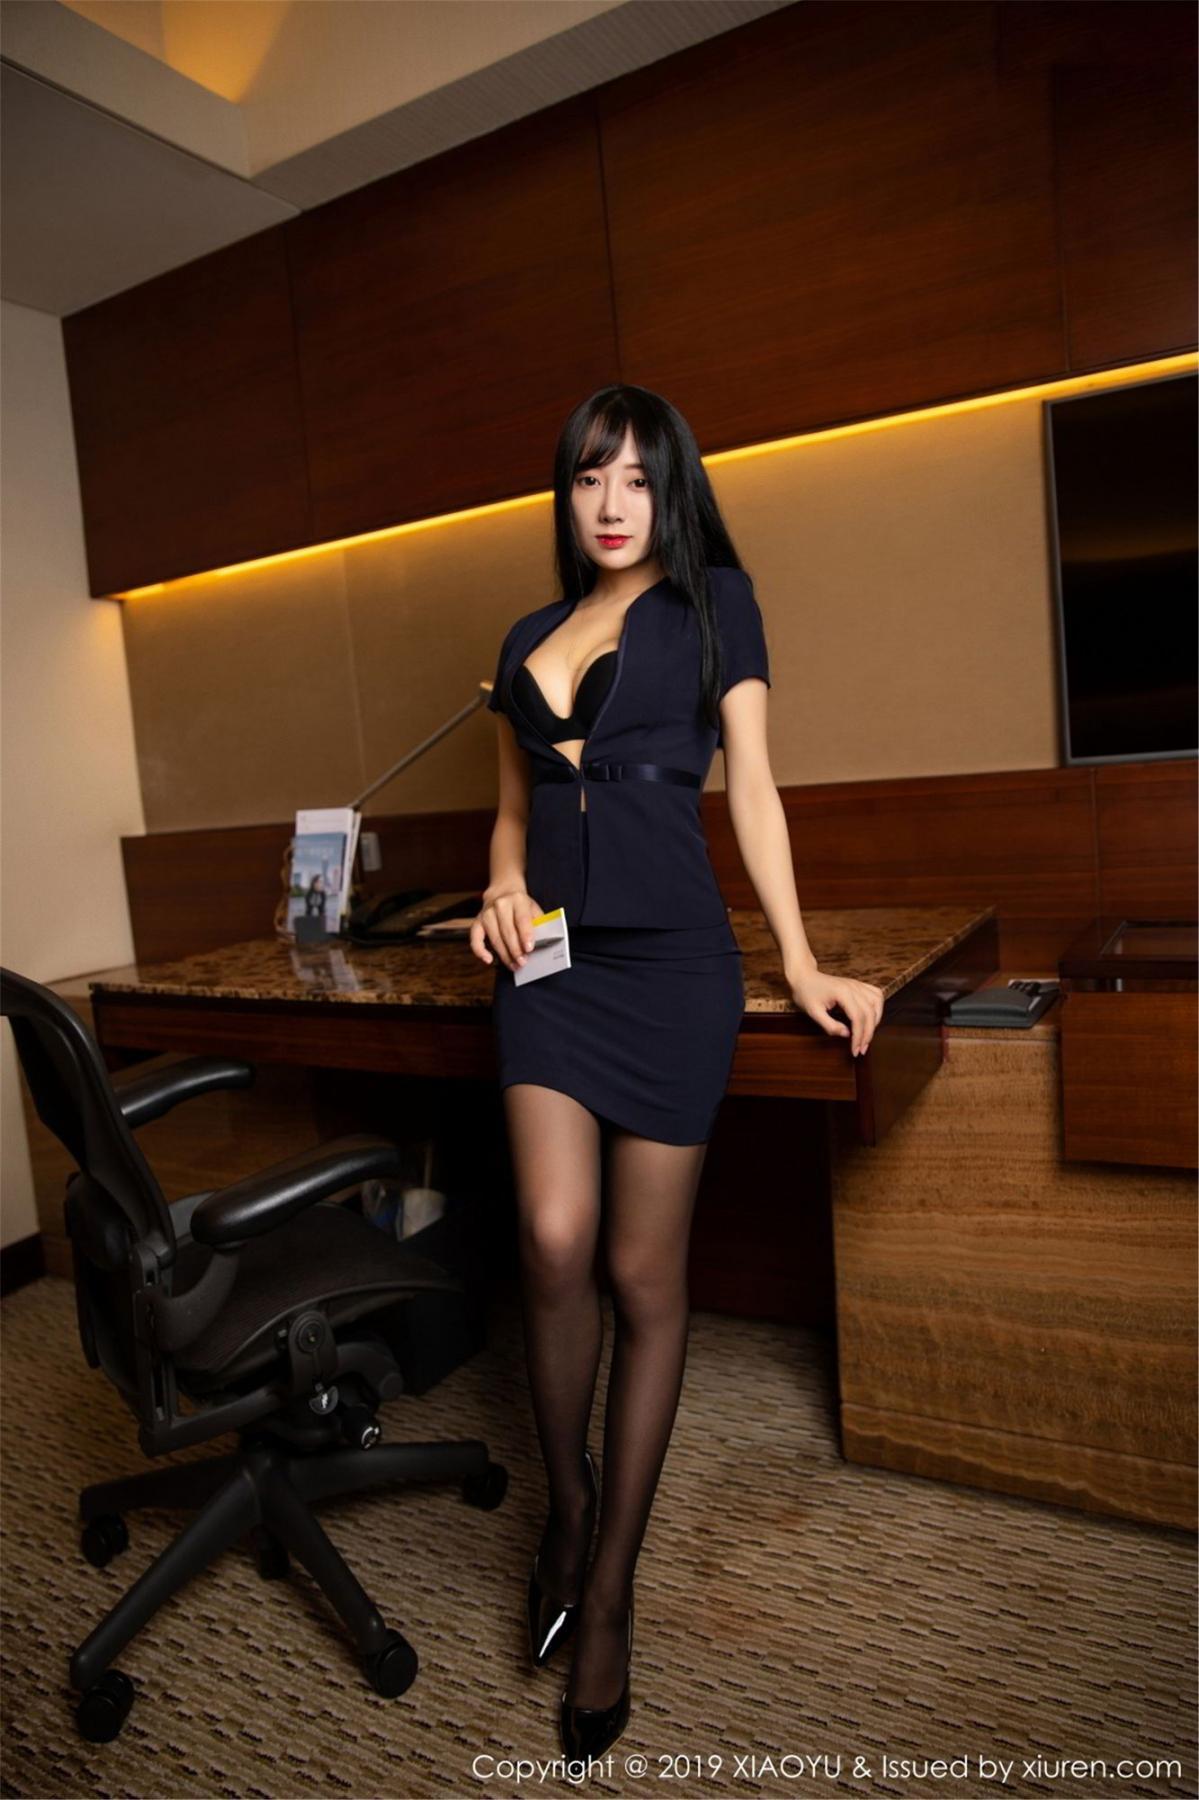 [XiaoYu] Vol.068 He Jia Ying 7P, Black Silk, He Jia Ying, Uniform, XiaoYu